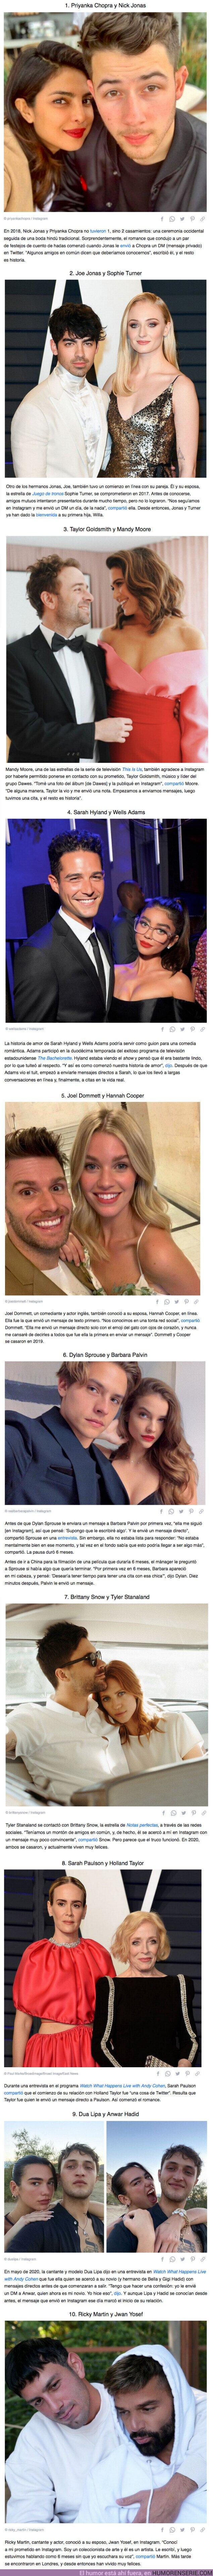 70937 - GALERÍA: 10 Parejas de celebridades que se conocieron ONLINE y se enamoraron